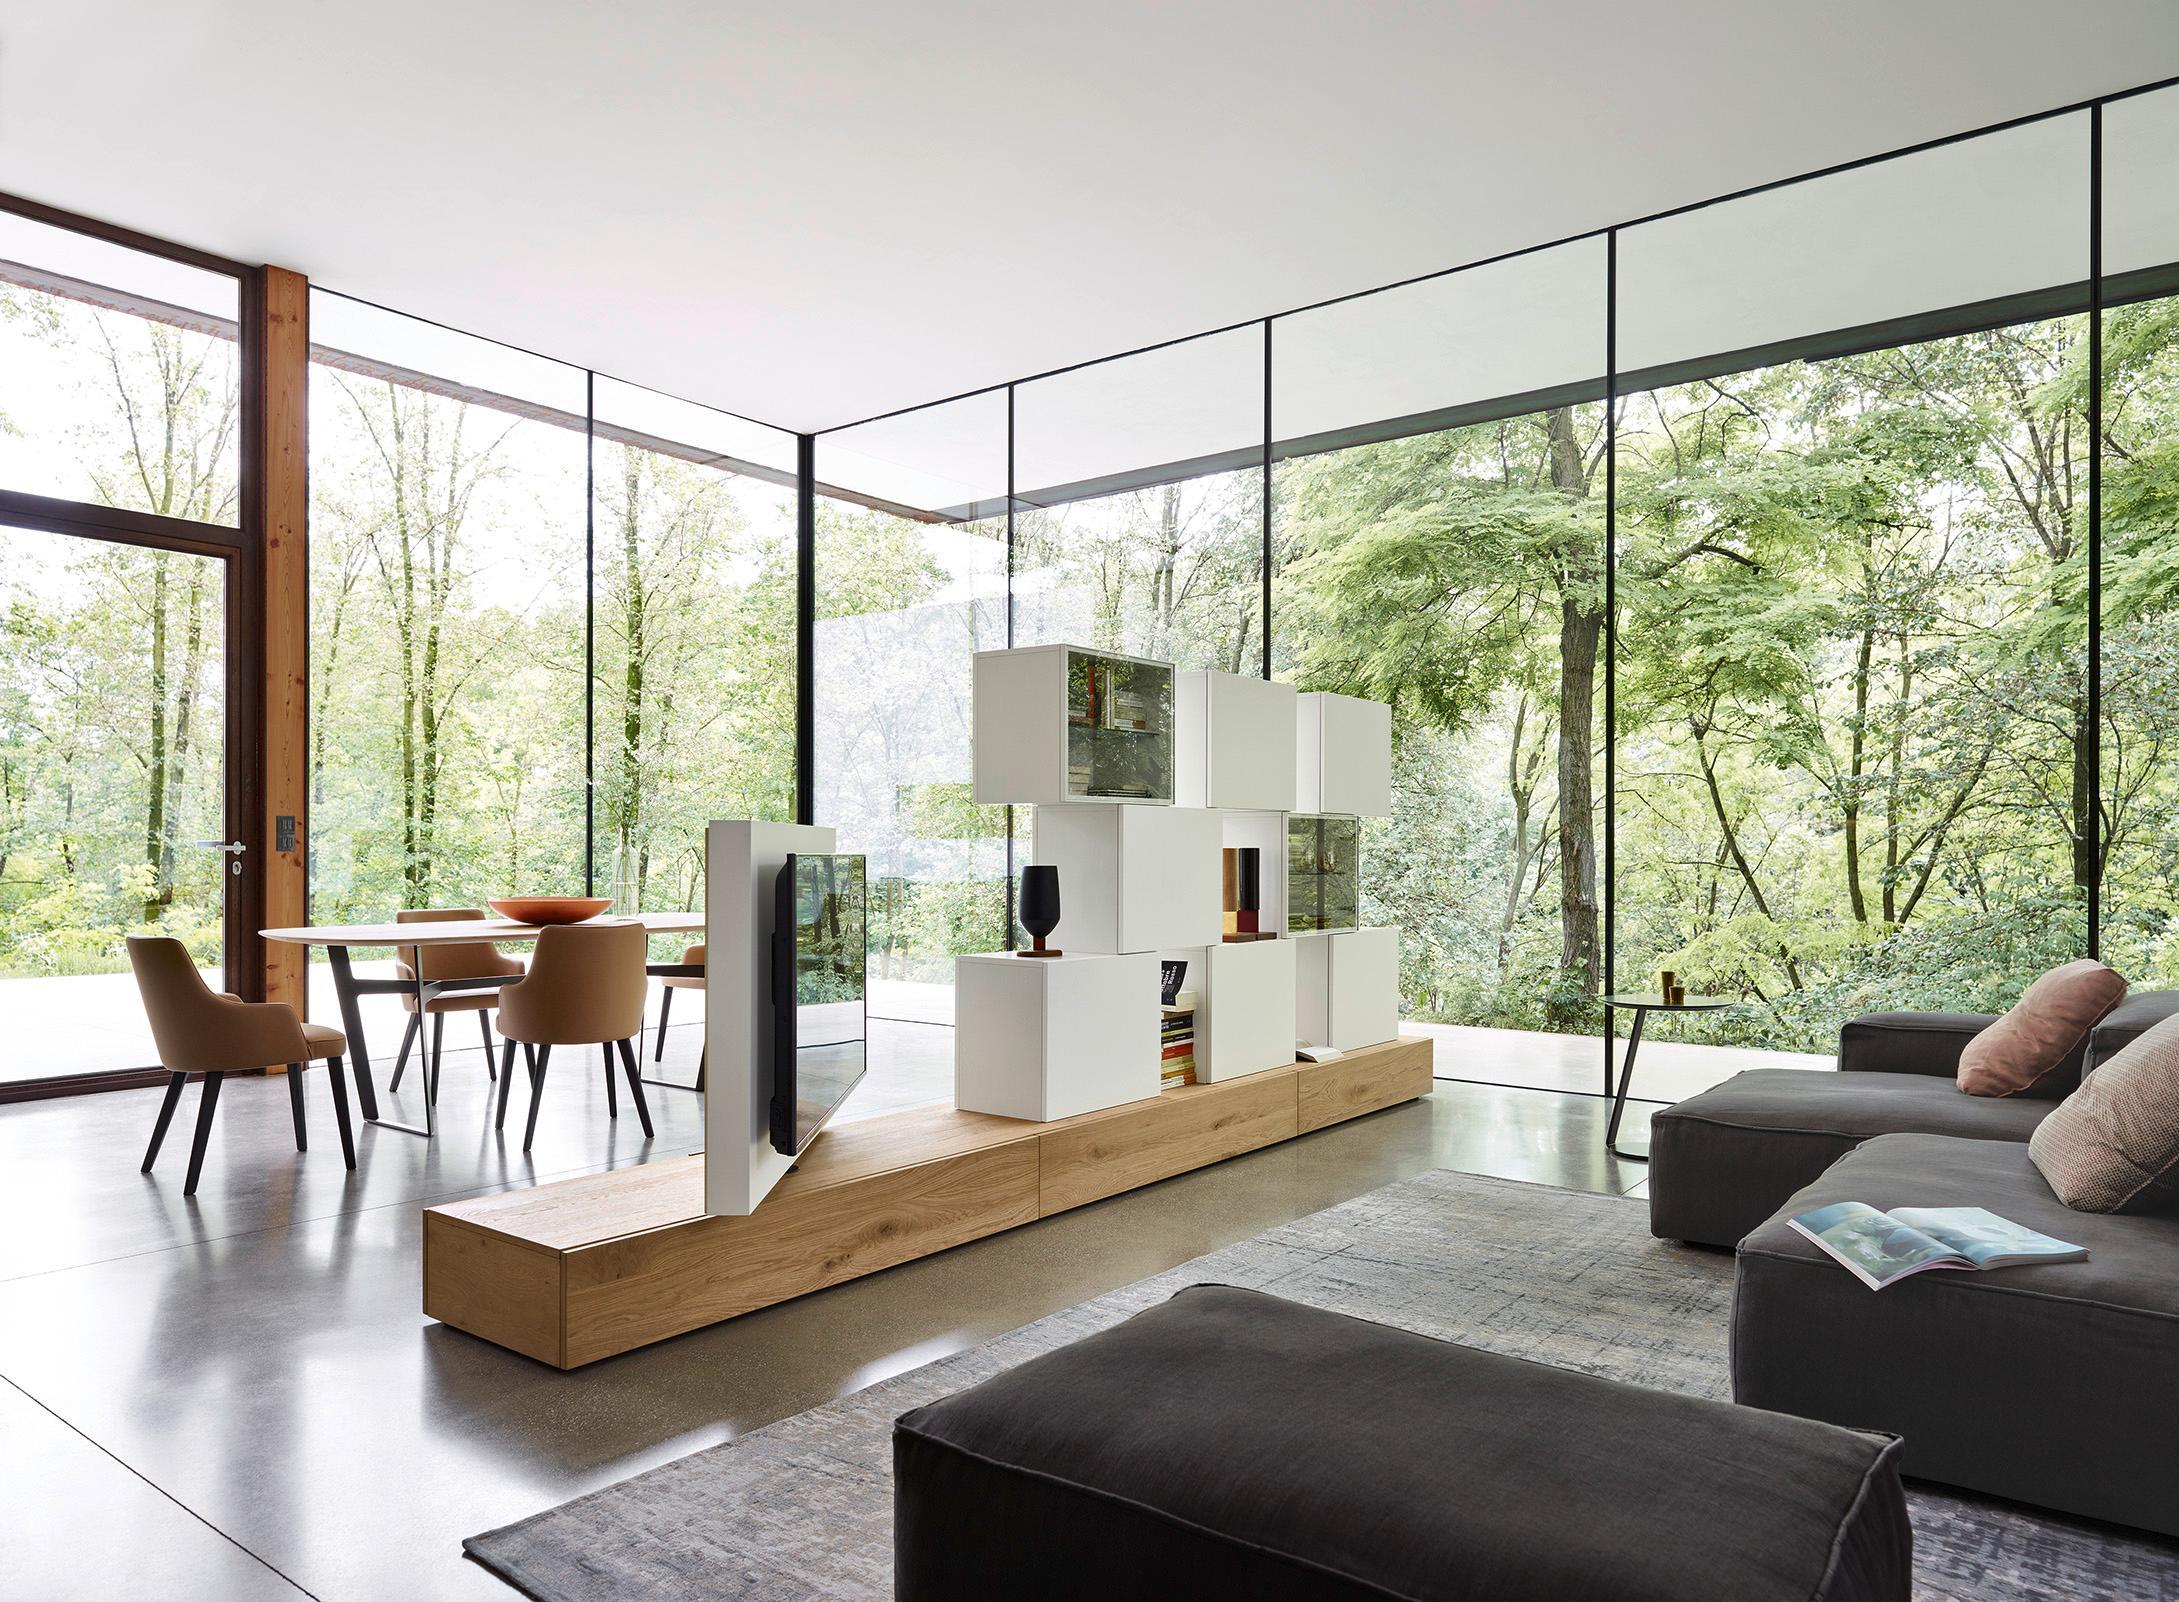 Wohnzimmer bilder ideen couchstyle - Einrichtungsideen raumteiler ...